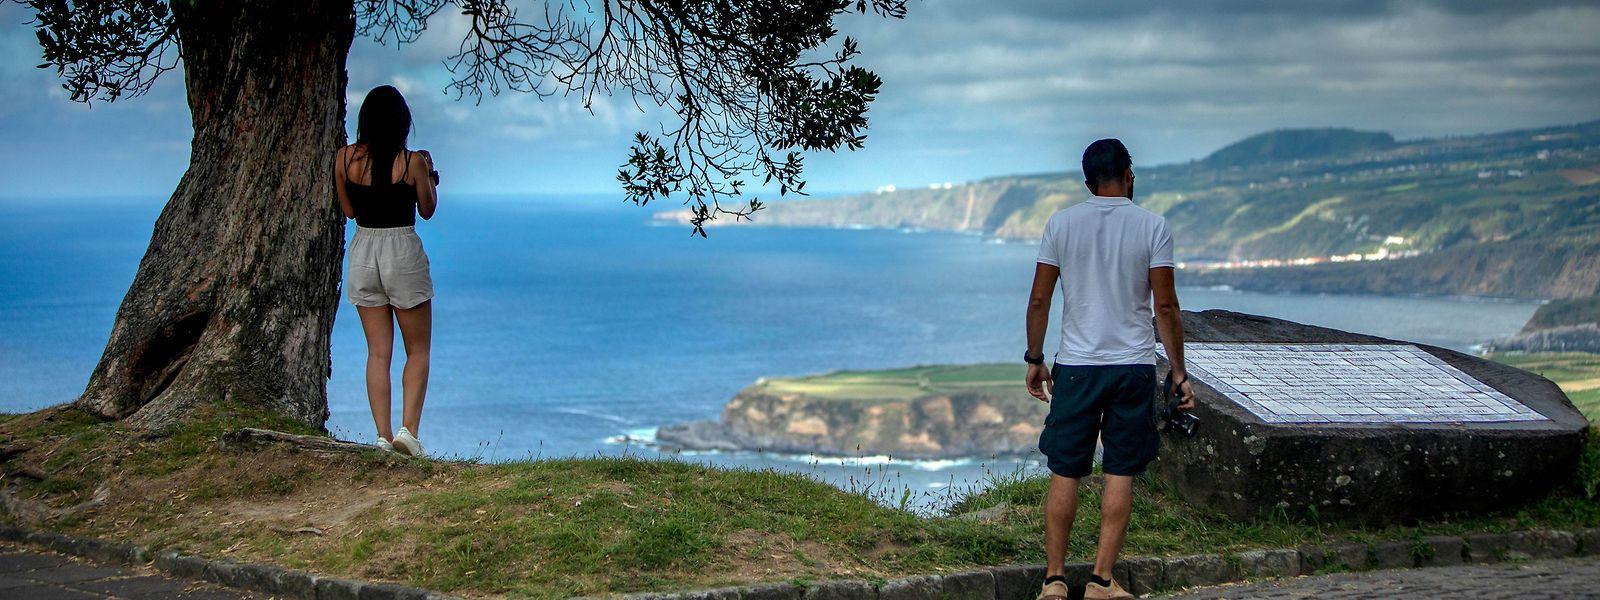 Santa Iria, na ilha de São Miguel, nos Açores.